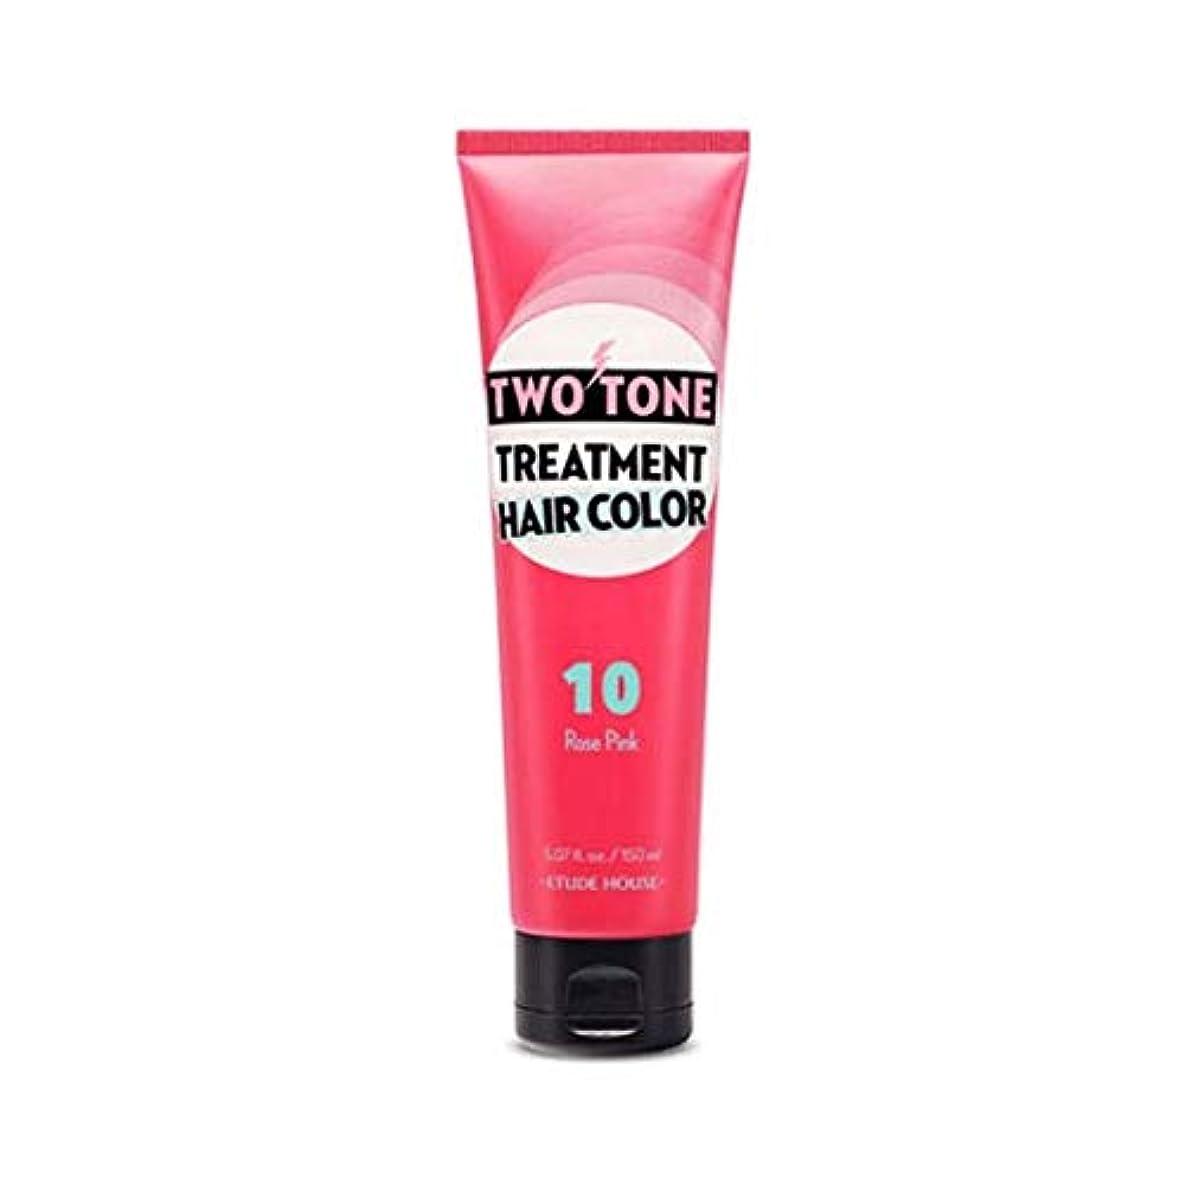 雪だるまを作る肺びっくりしたETUDE HOUSE Two Tone Treatment Hair Color *10 Rose Pink/エチュードハウス ツートントリートメントヘアカラー150ml [並行輸入品]